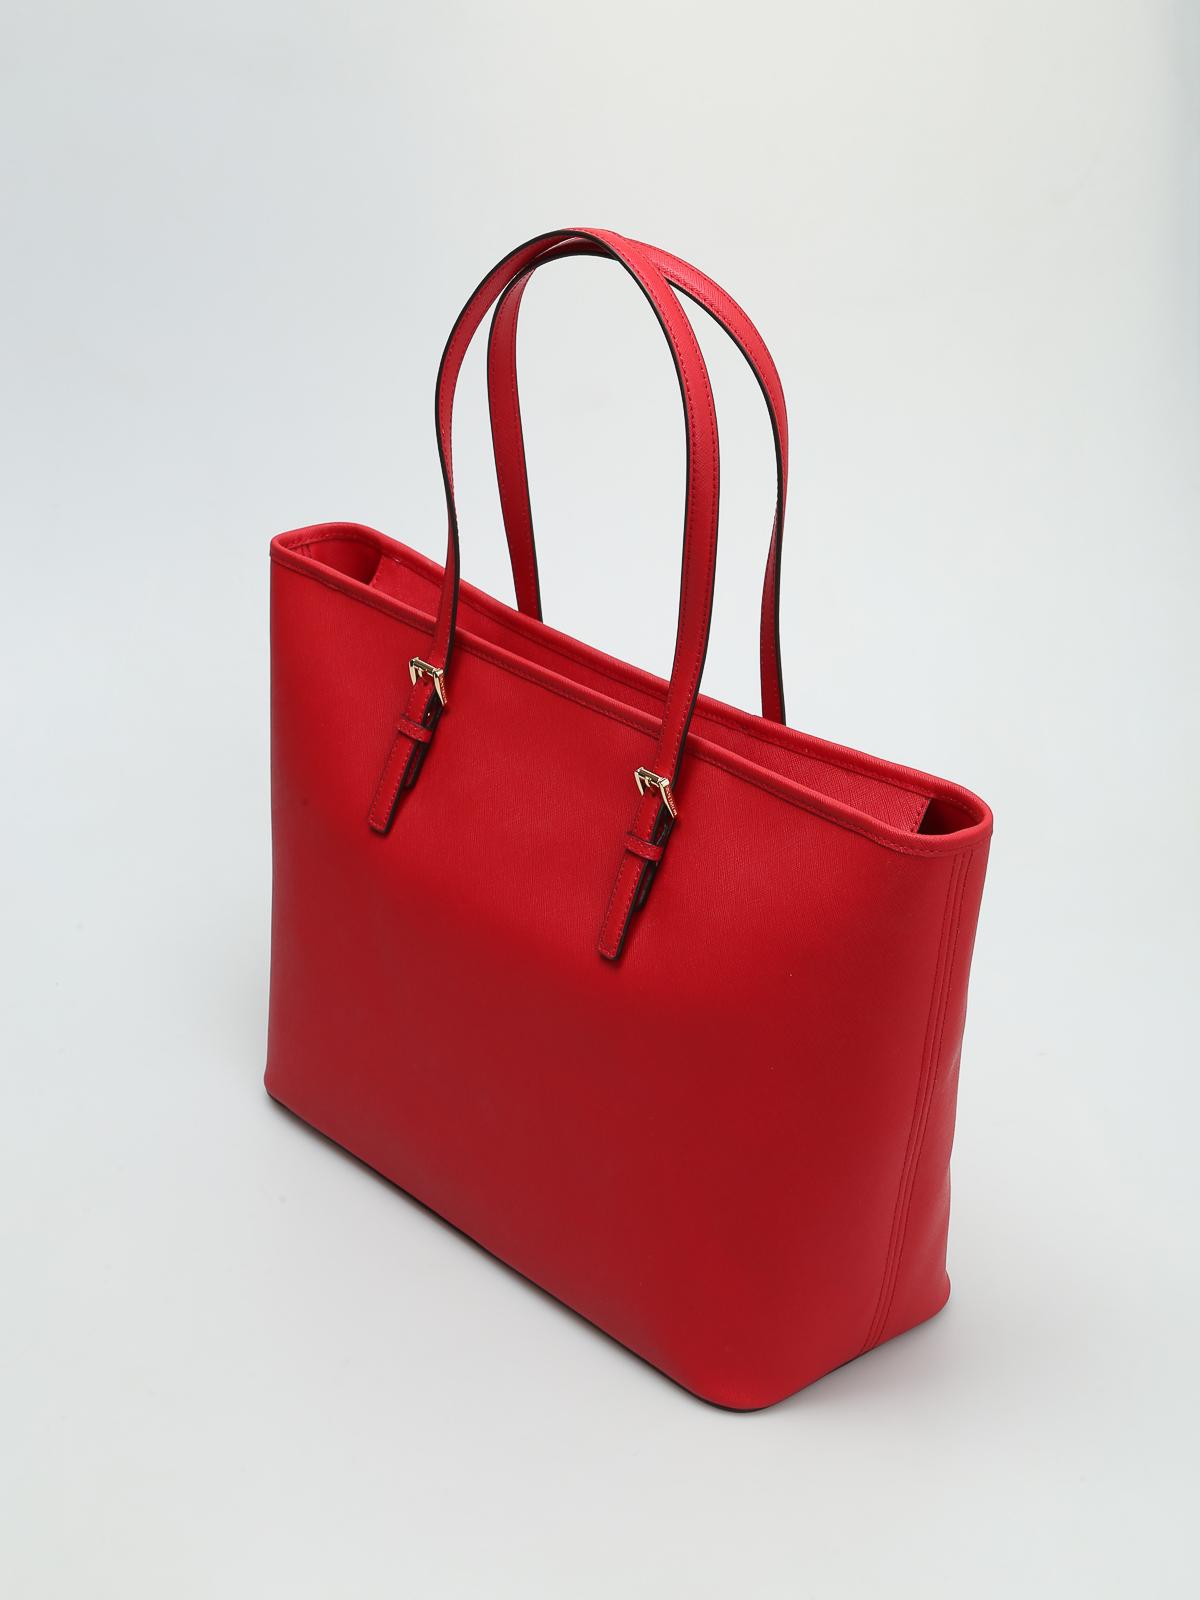 Michael Jet Set Shopping Kors Bolso Travel Bolsos Tote Rojo 8nwNOPkX0